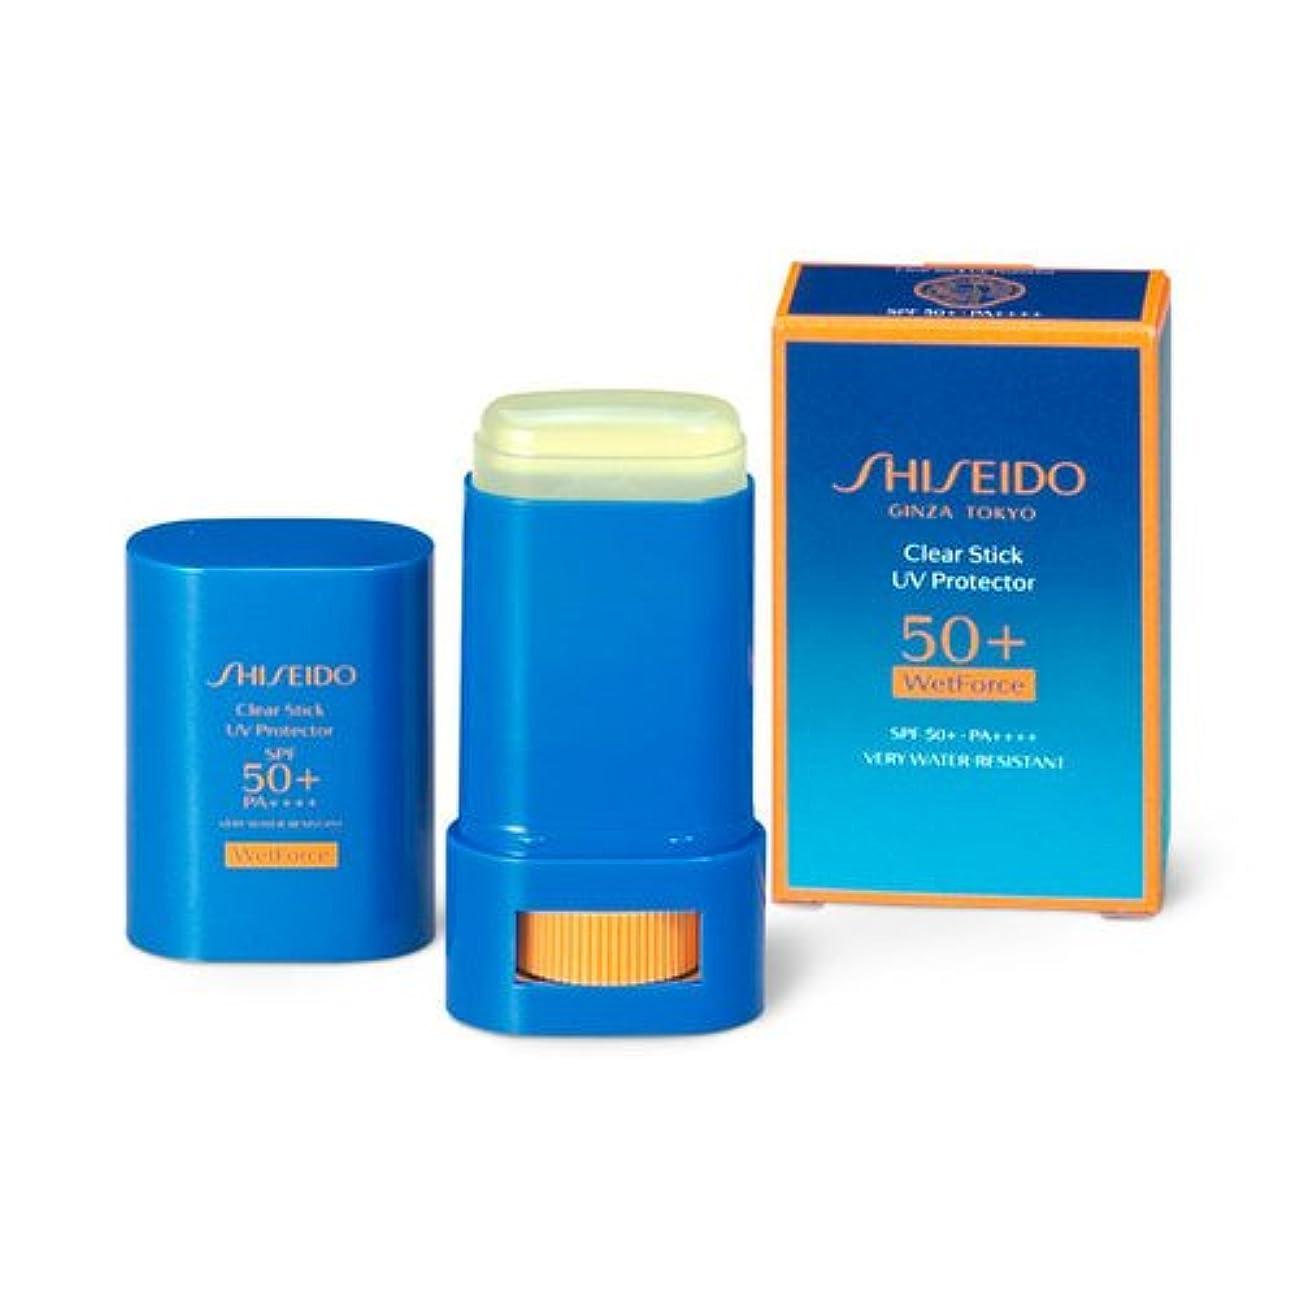 方法過言警告するSHISEIDO Suncare(資生堂 サンケア) SHISEIDO(資生堂) クリアスティック UVプロテクター 15g